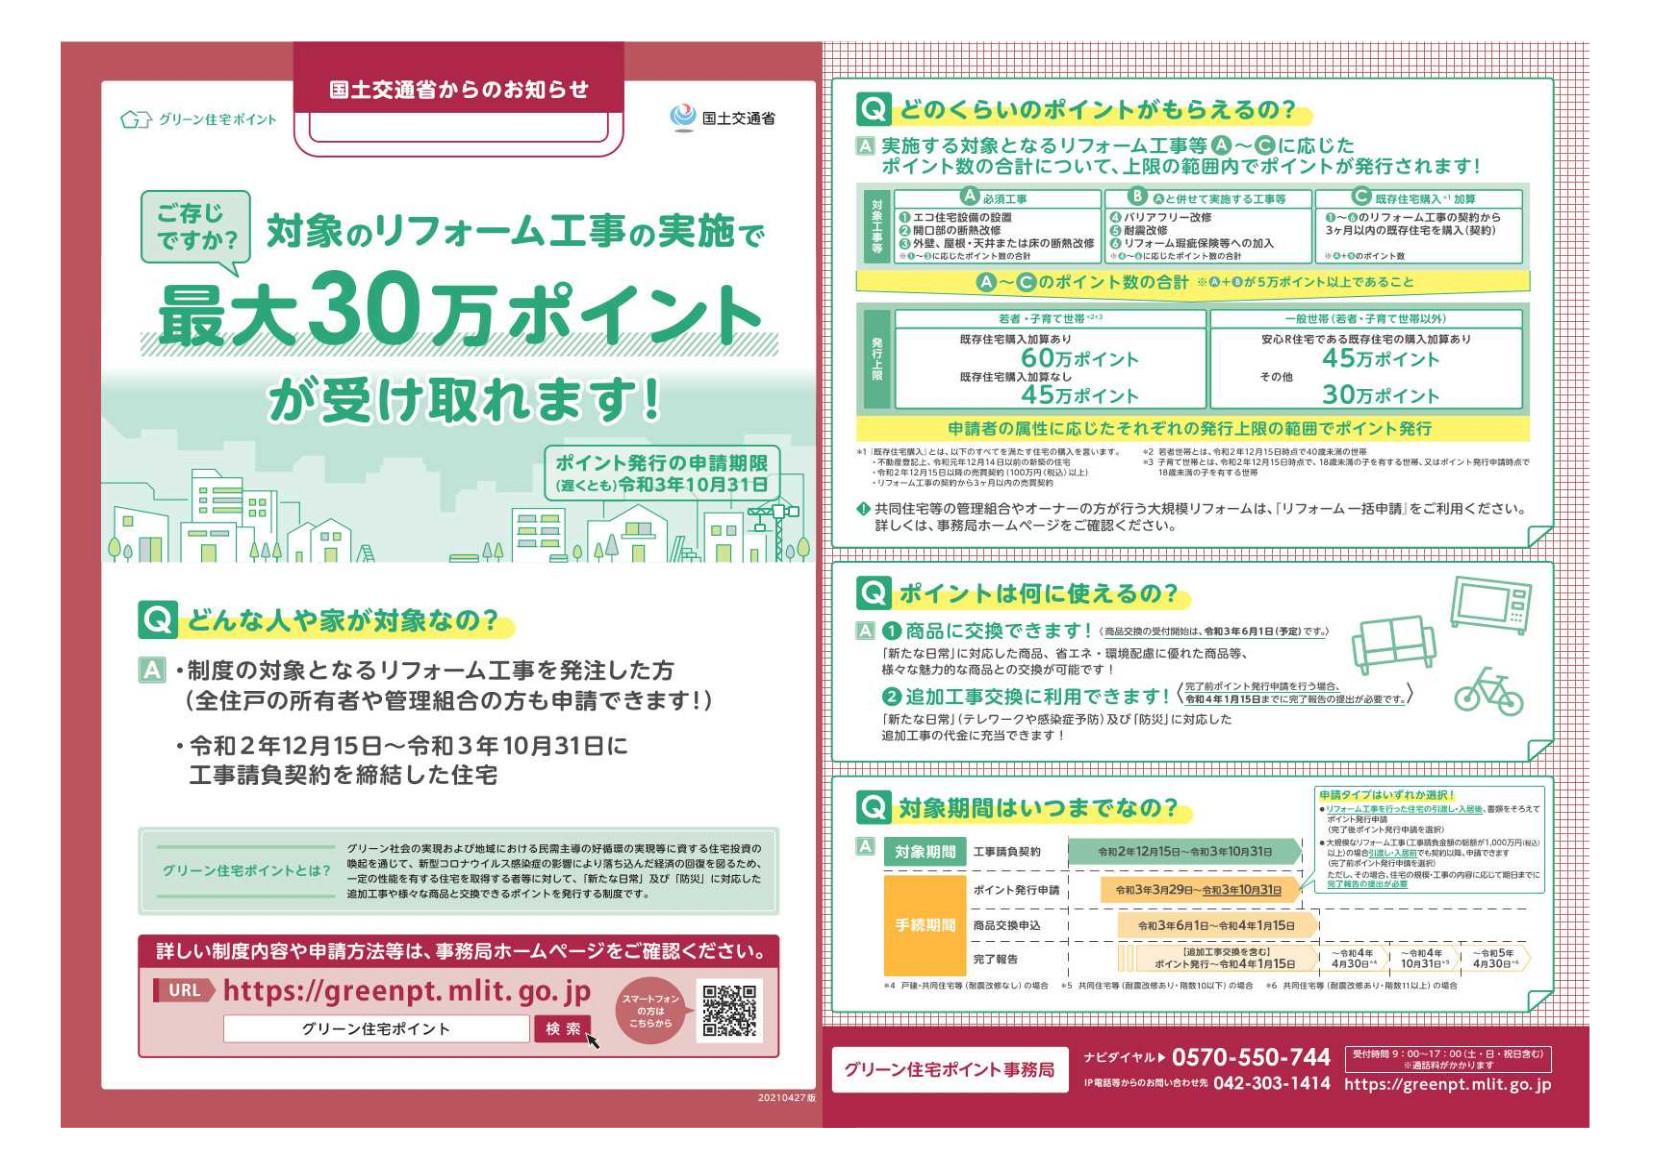 グリーン住宅ポイント<br />受付10月31日まで